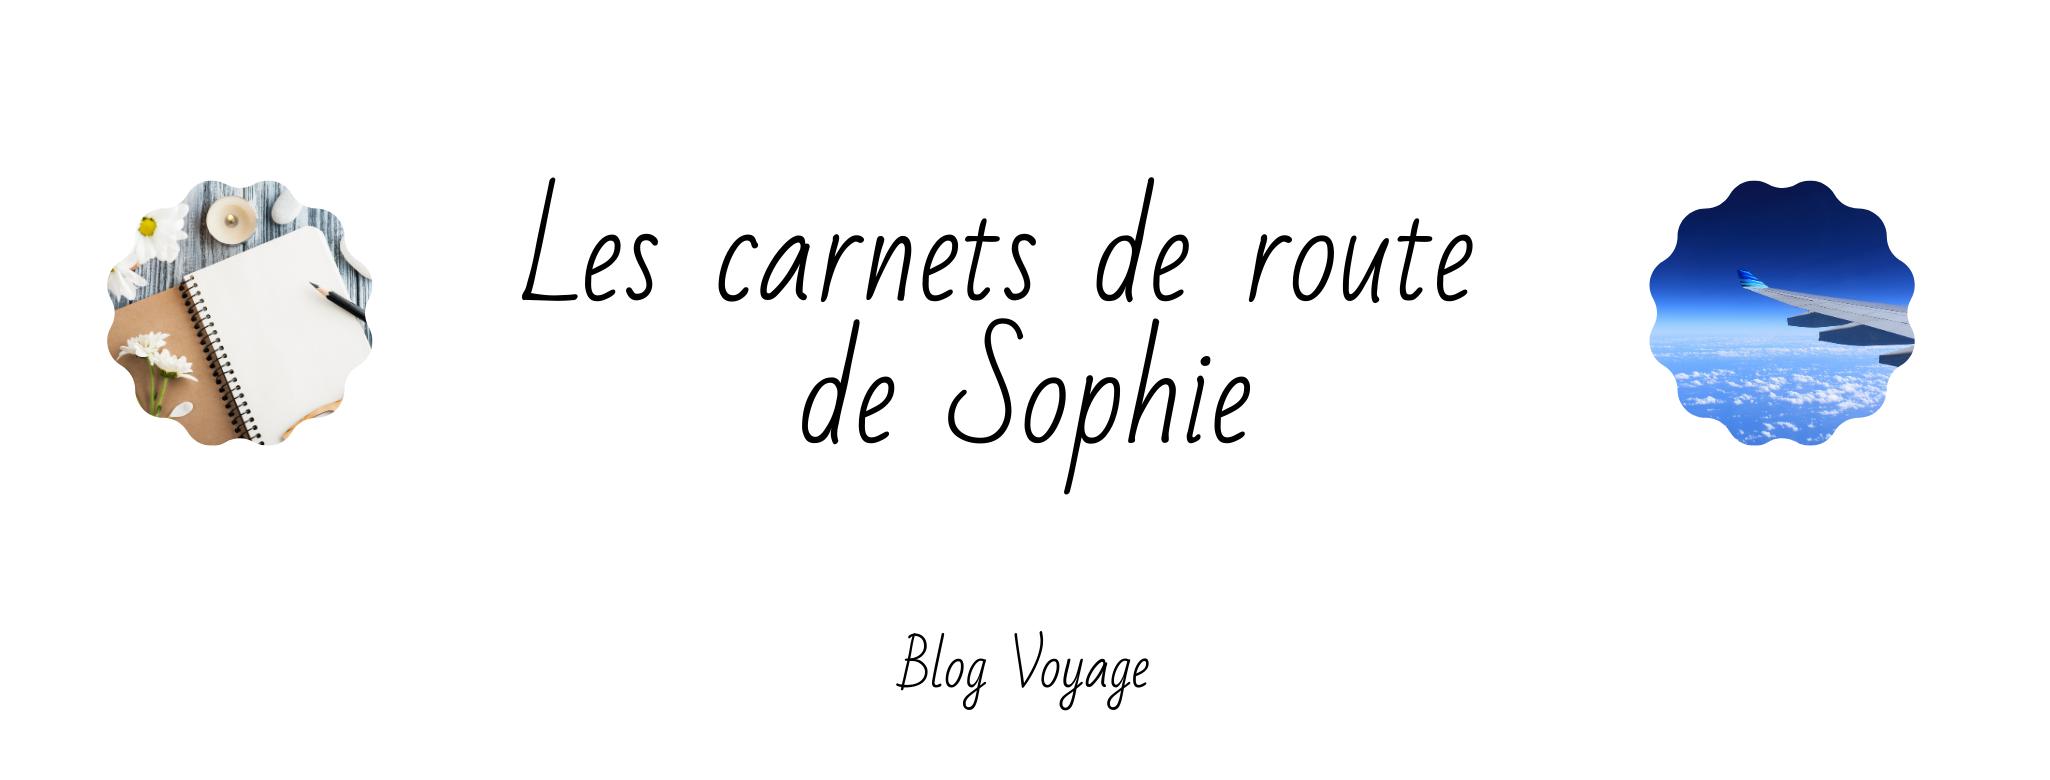 Les carnets de route de Sophie